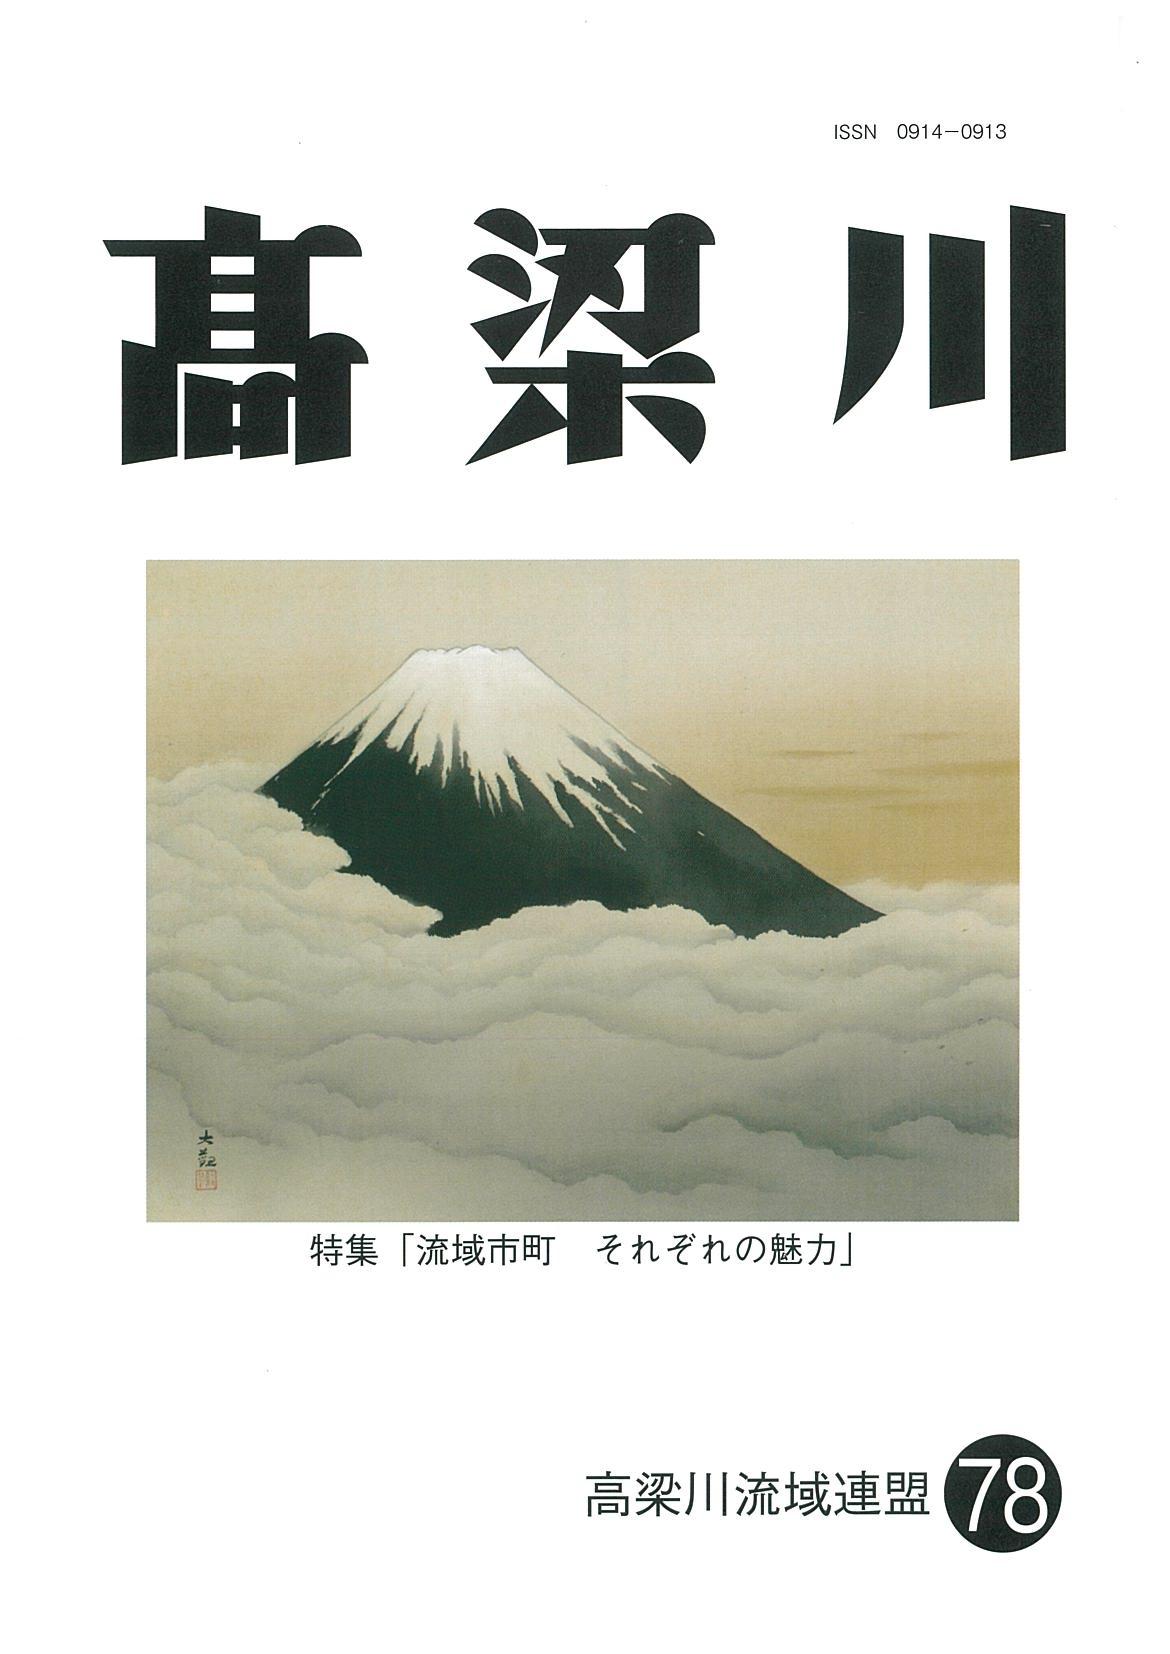 機関誌「高梁川」第78号表紙